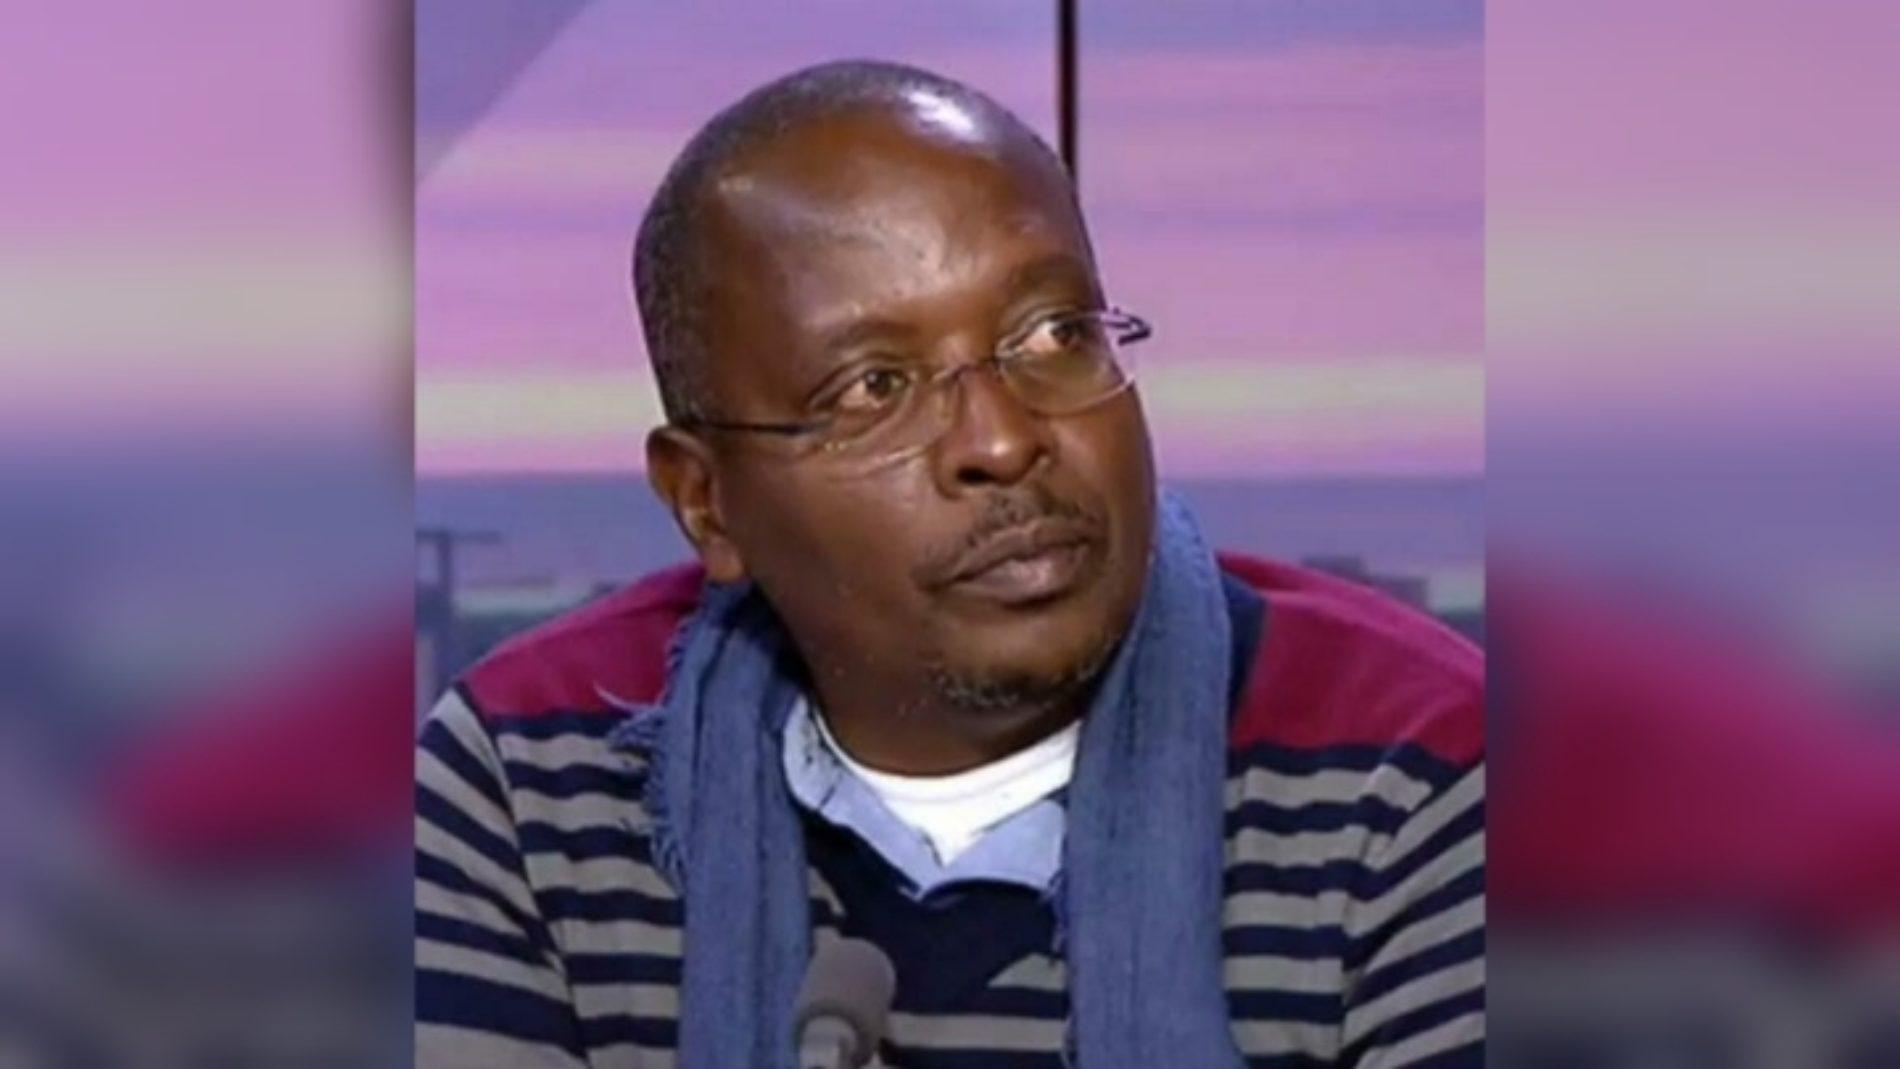 RFI proteste contre les accusations et menaces visant son ancien correspondant au Burundi